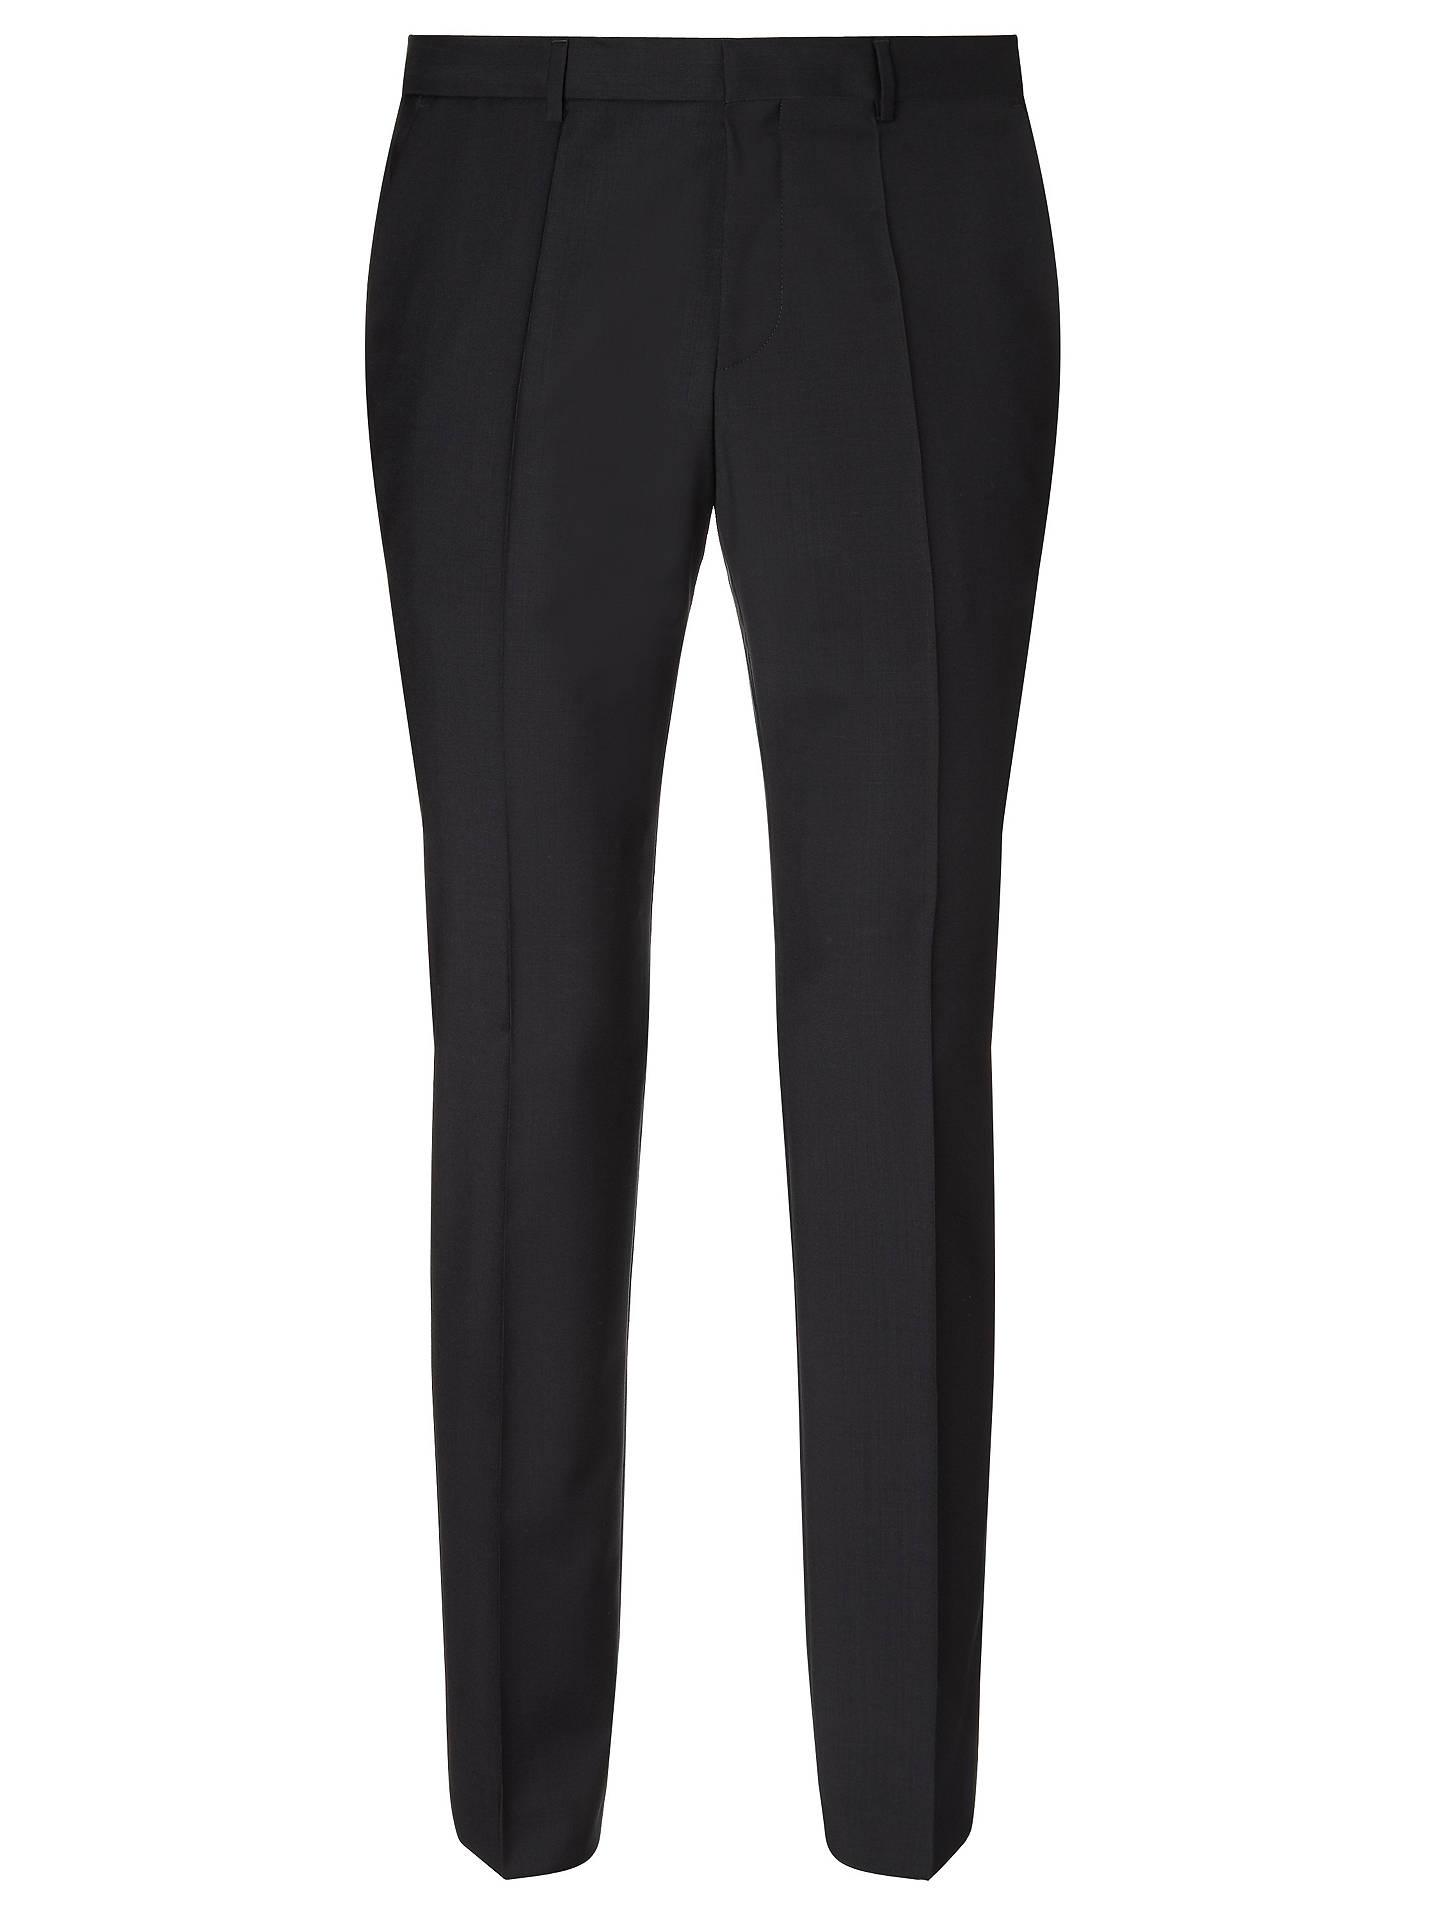 499cd5ea HUGO by Hugo Boss Huge/Genius Virgin Wool Slim Fit Suit Trousers, Black.  View product description